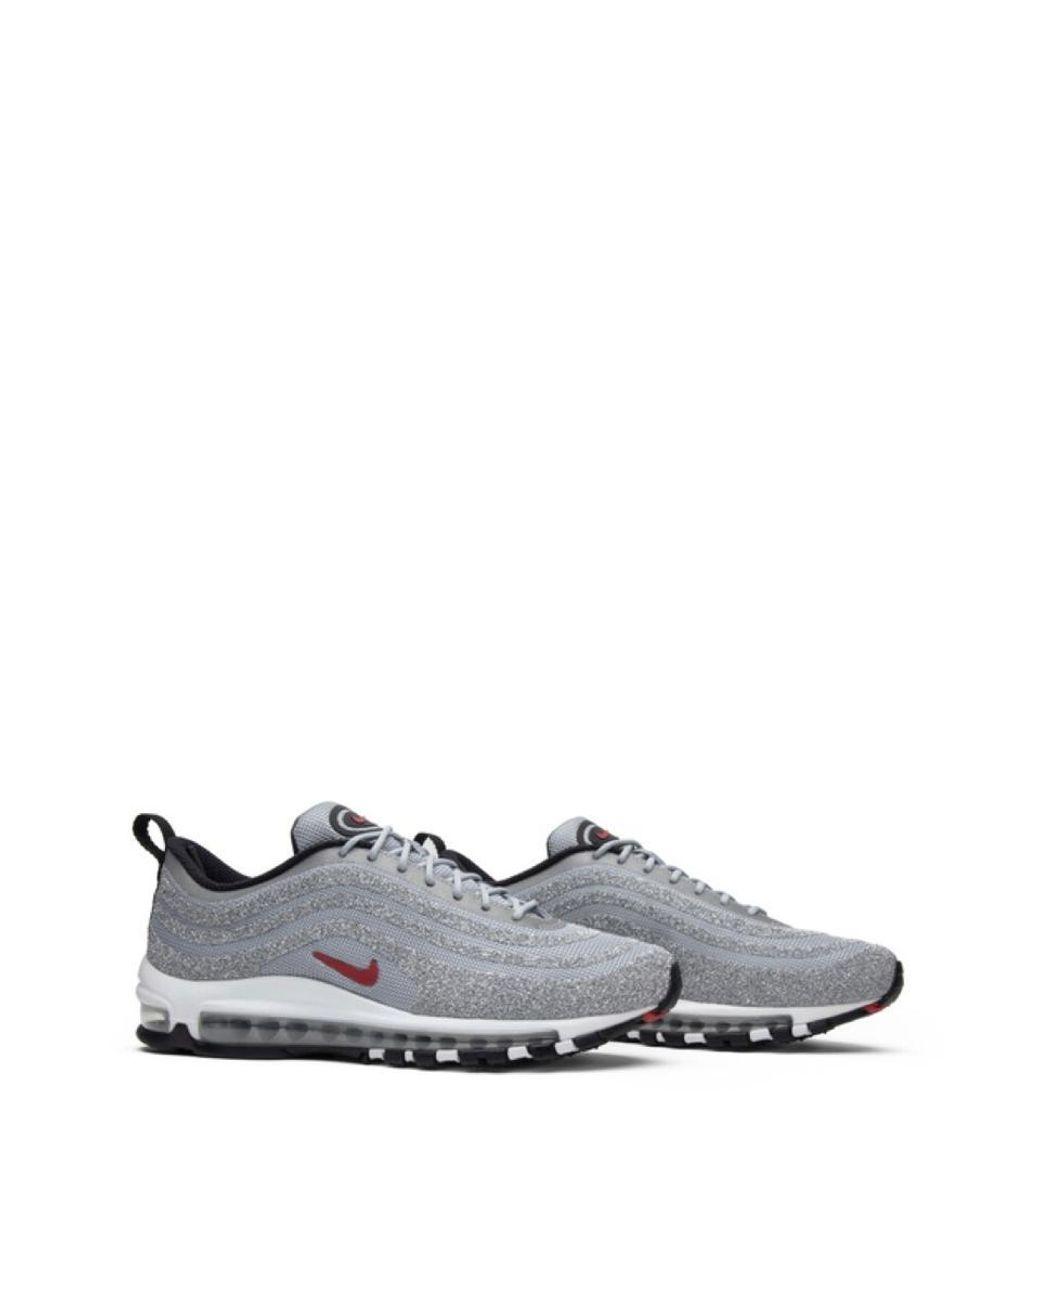 Nike Air Max 97 LX Swarovski Black Pink Womens shoes